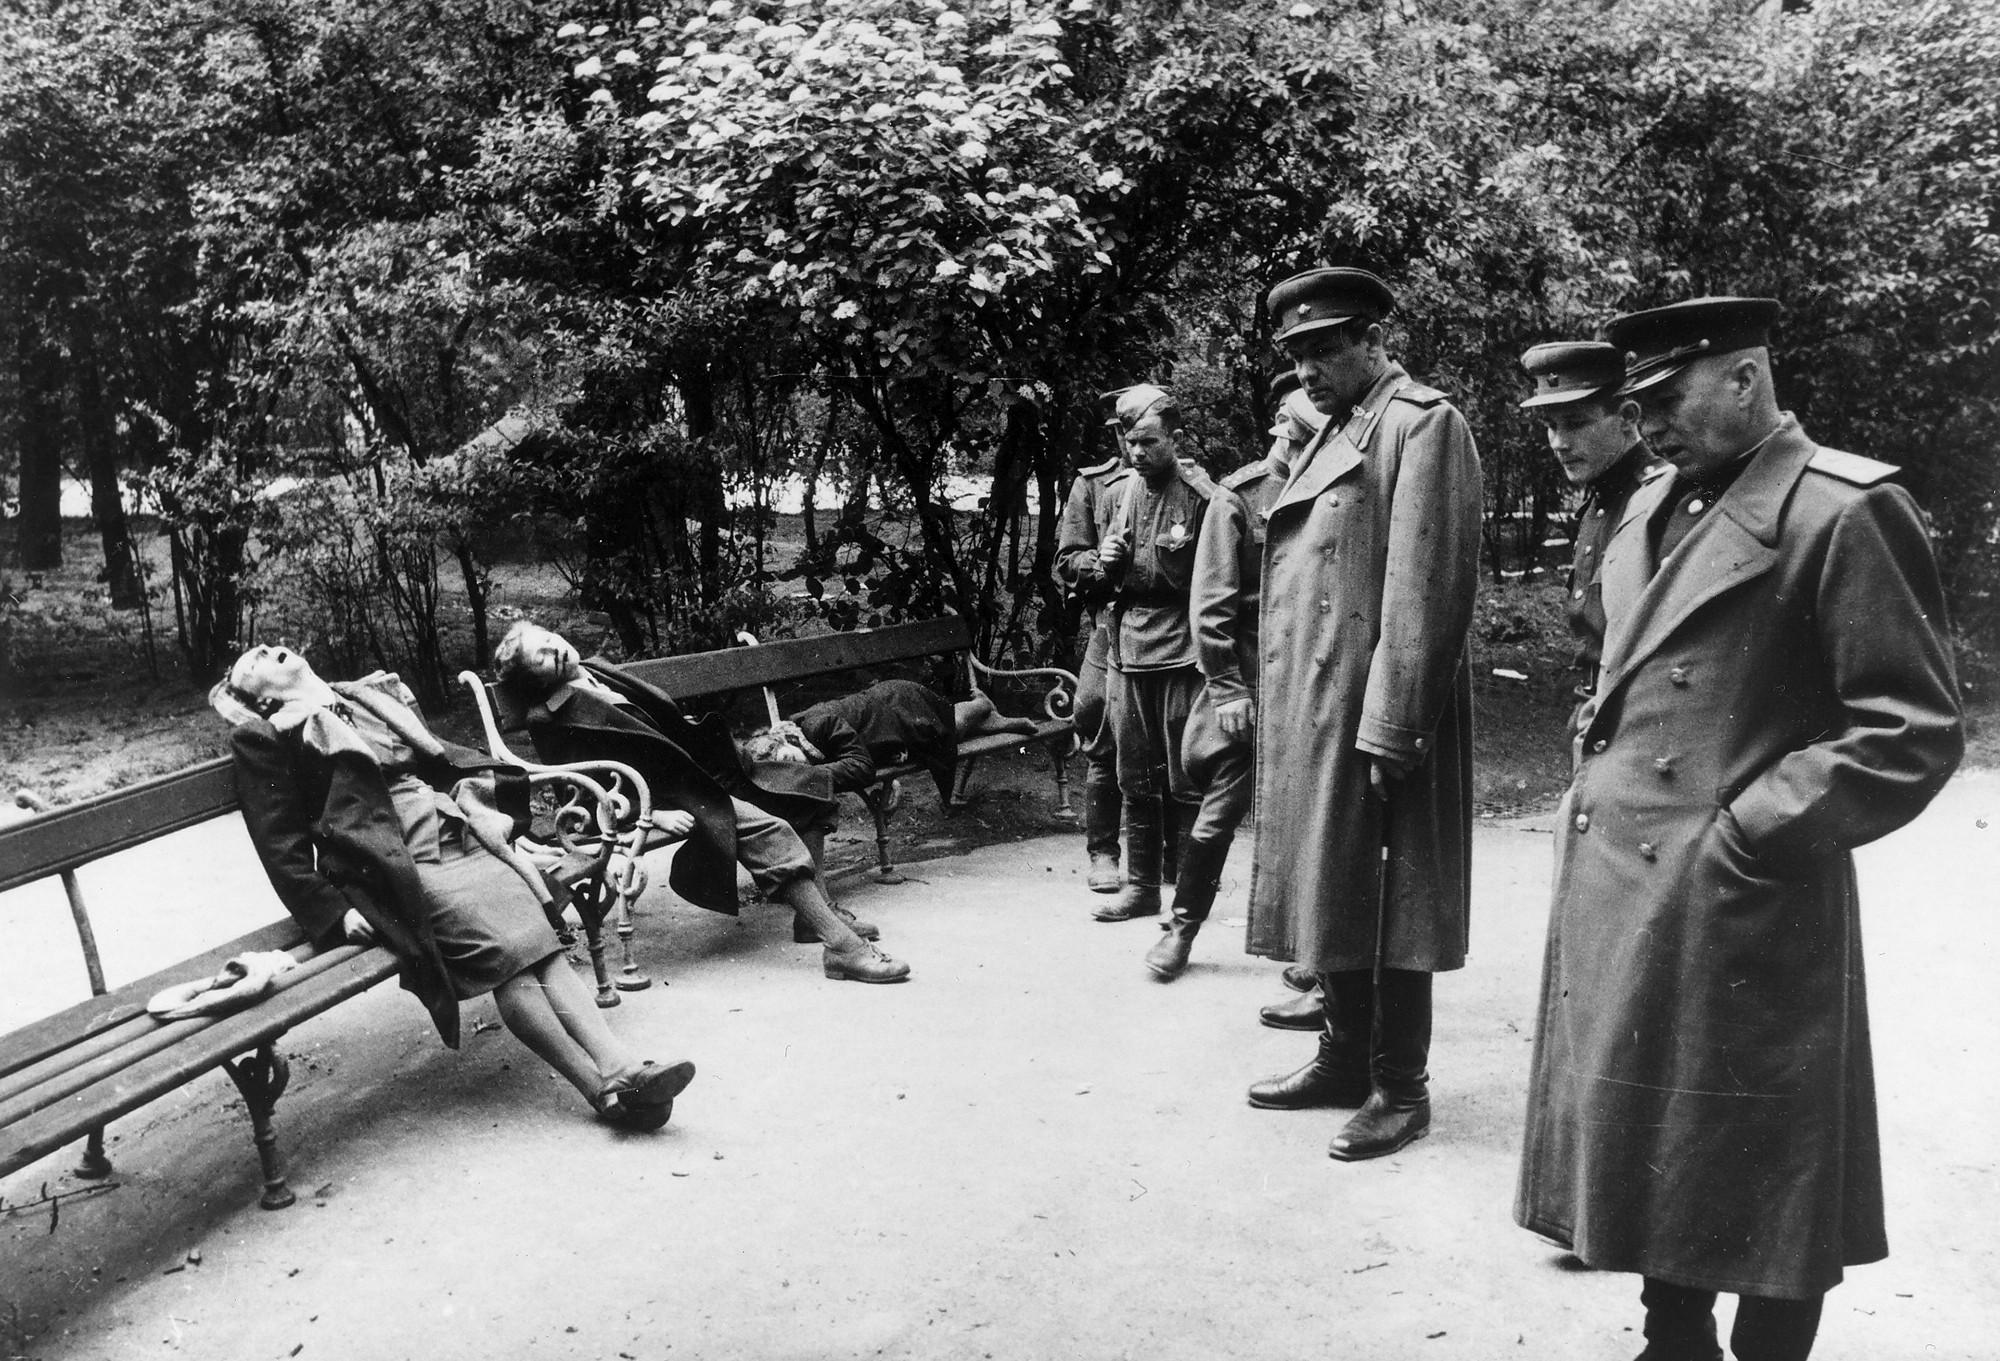 Нацист перед приходом советских войск расстрелял свою семью и покончил с собой на улице Вены. Генерал-майор Дмитрий Трофимович Шепилов (1905—1995) с бойцами и офицера